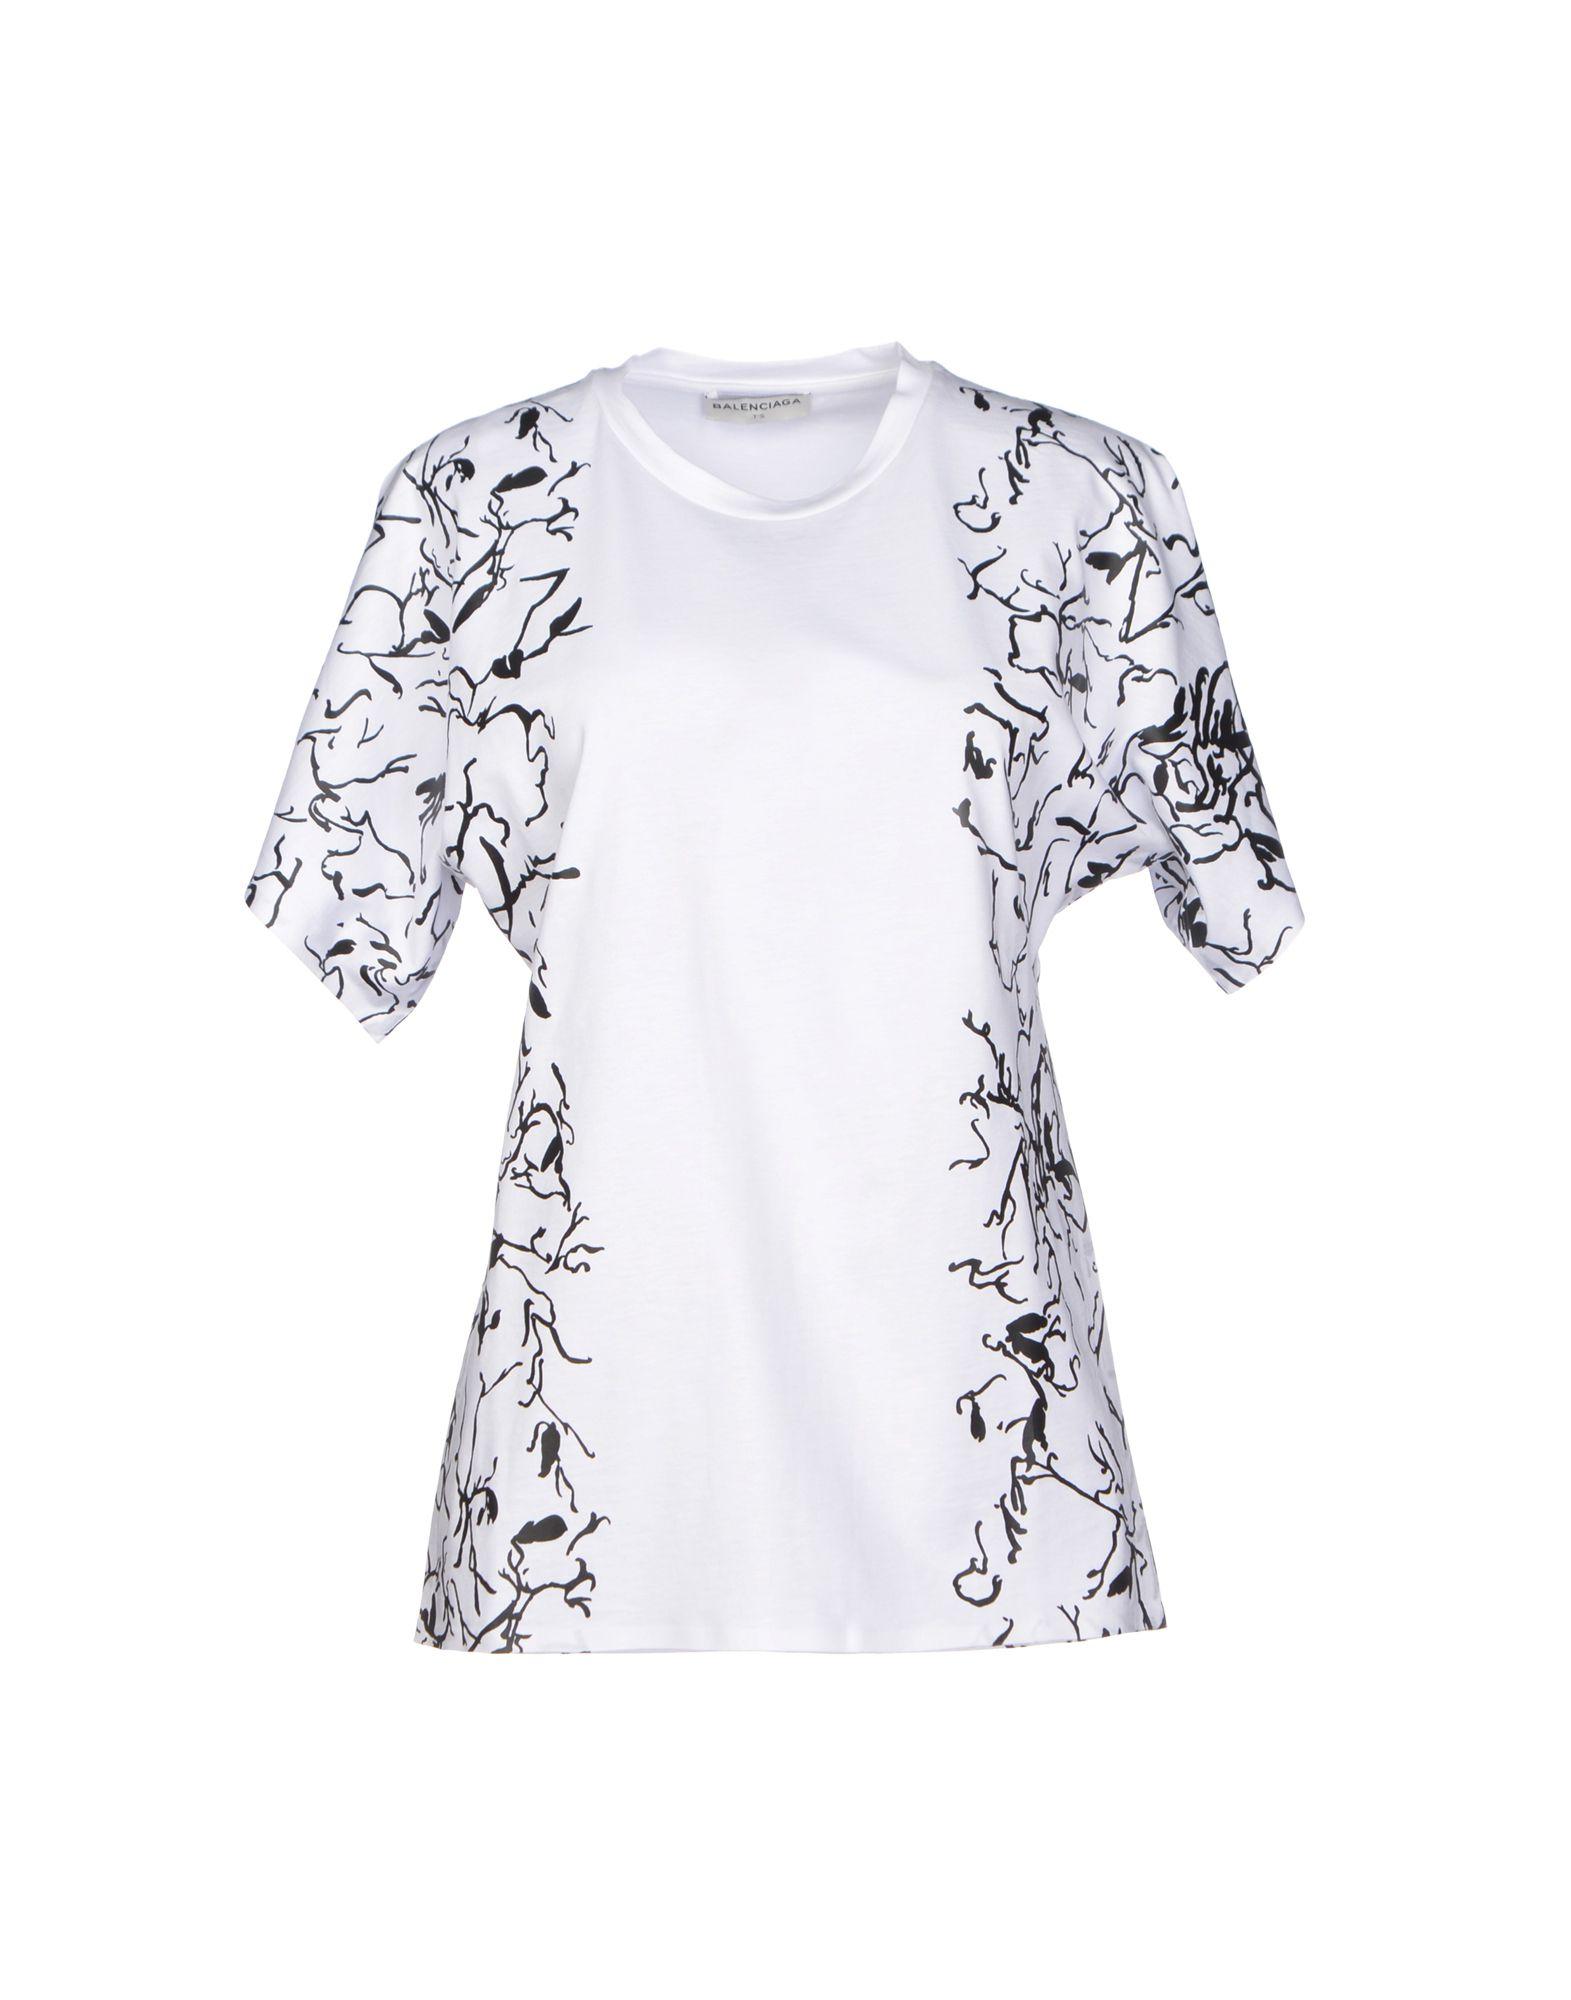 Balenciaga T Shirt In White Lyst